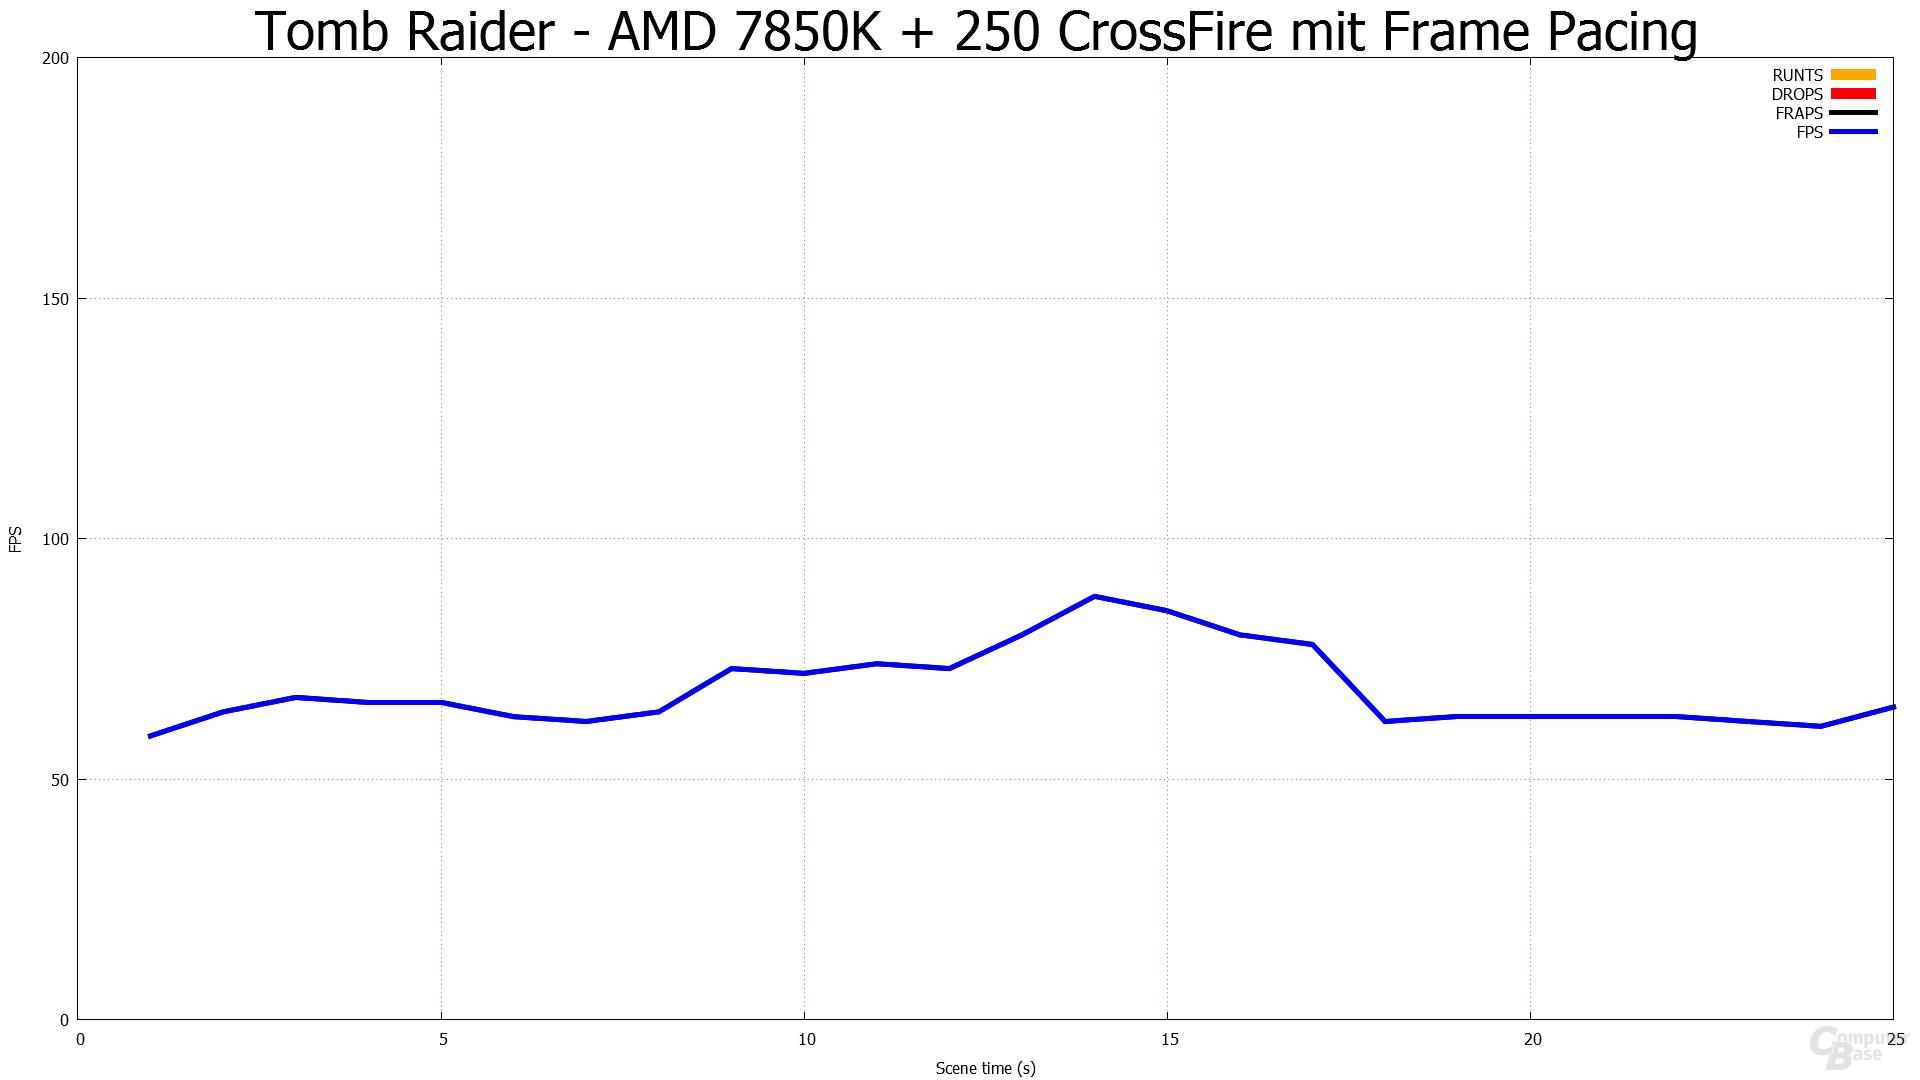 Mit Frame Pacing - Tomb Raider